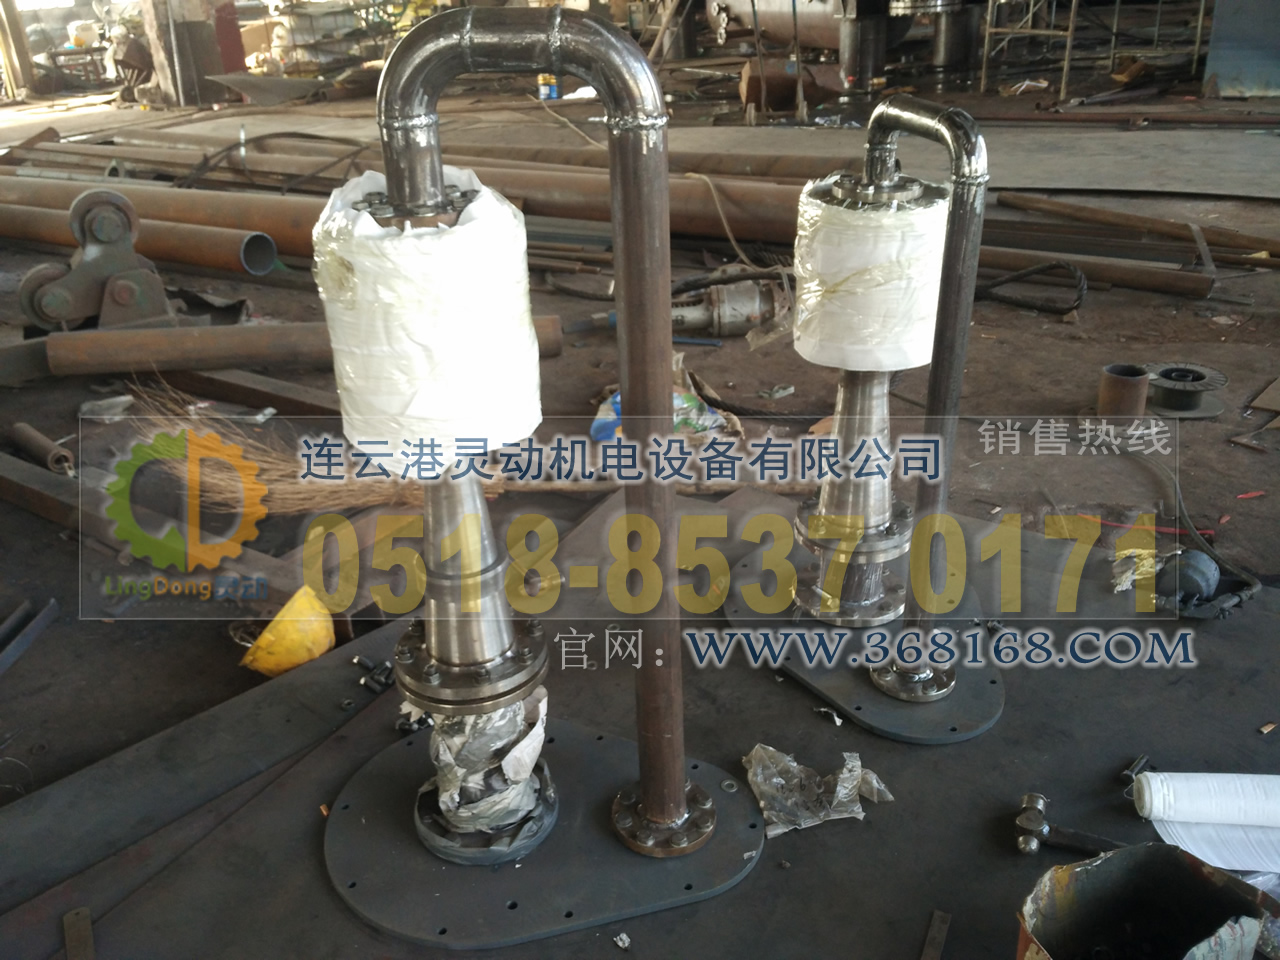 射油器制造,润滑油射油器厂家,汽轮机射油器生产厂家